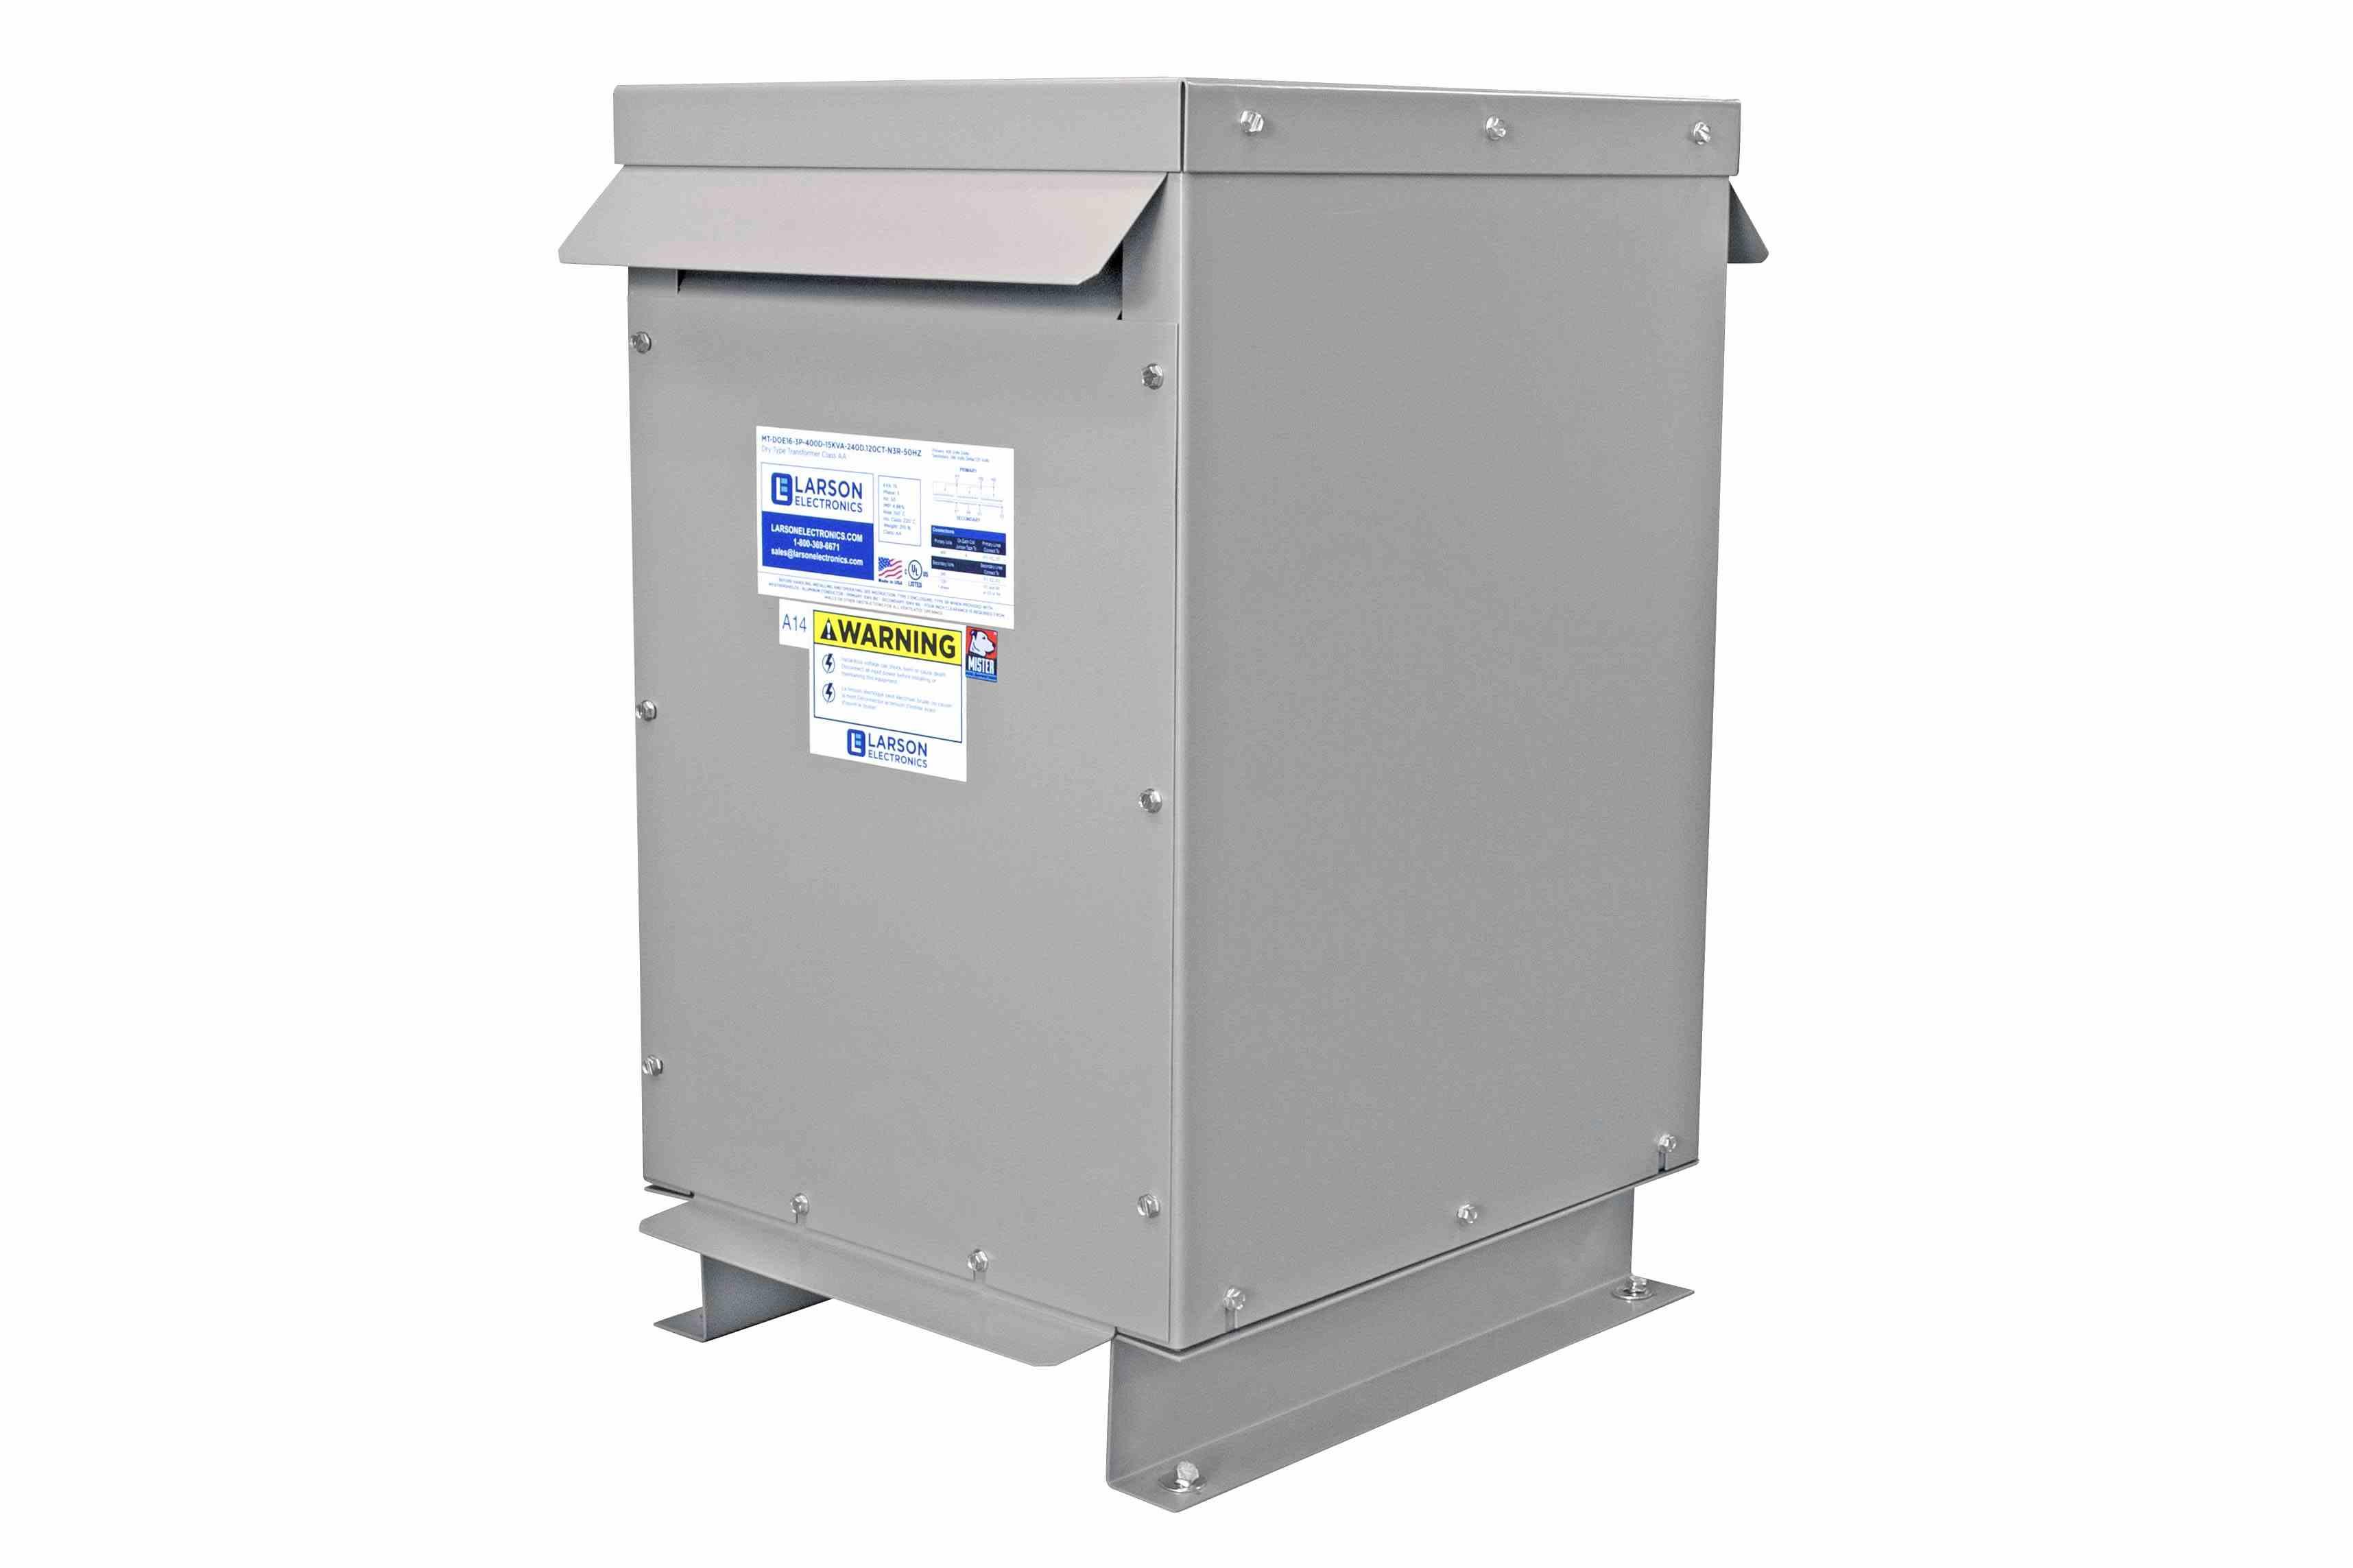 35 kVA 3PH Isolation Transformer, 208V Delta Primary, 480V Delta Secondary, N3R, Ventilated, 60 Hz